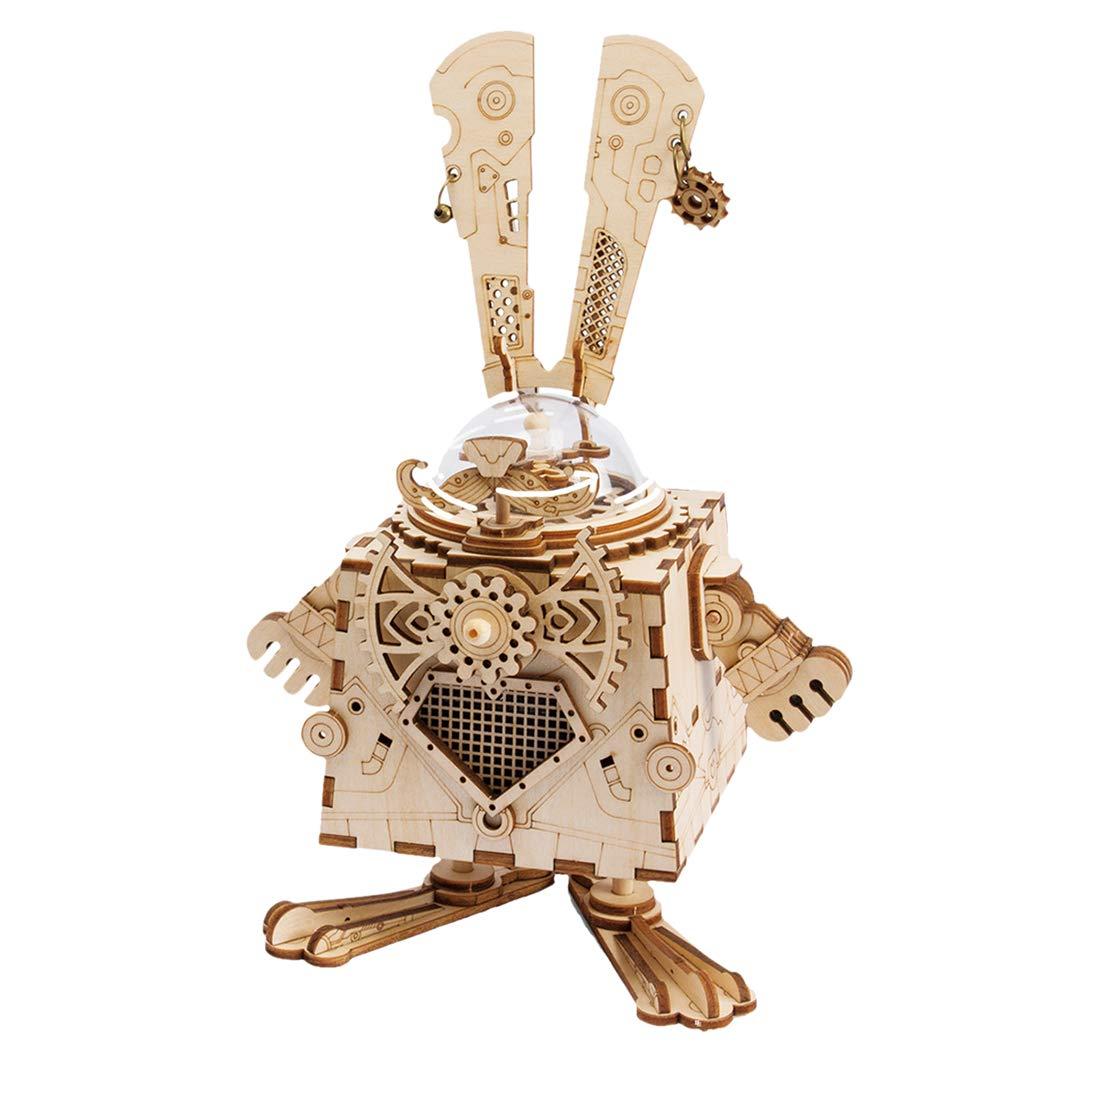 直送商品 HMANE 3D組み立てパズル HMANE 木製 Bunny DIY スチームパンク オルゴール クラフトキット ロボットステム玩具 レディース B07K8HST9S メンズ 1 set 503Y53SYF16C 1 set Bunny Shape B07K8HST9S, 季の香(きのか):2e8dcd12 --- a0267596.xsph.ru